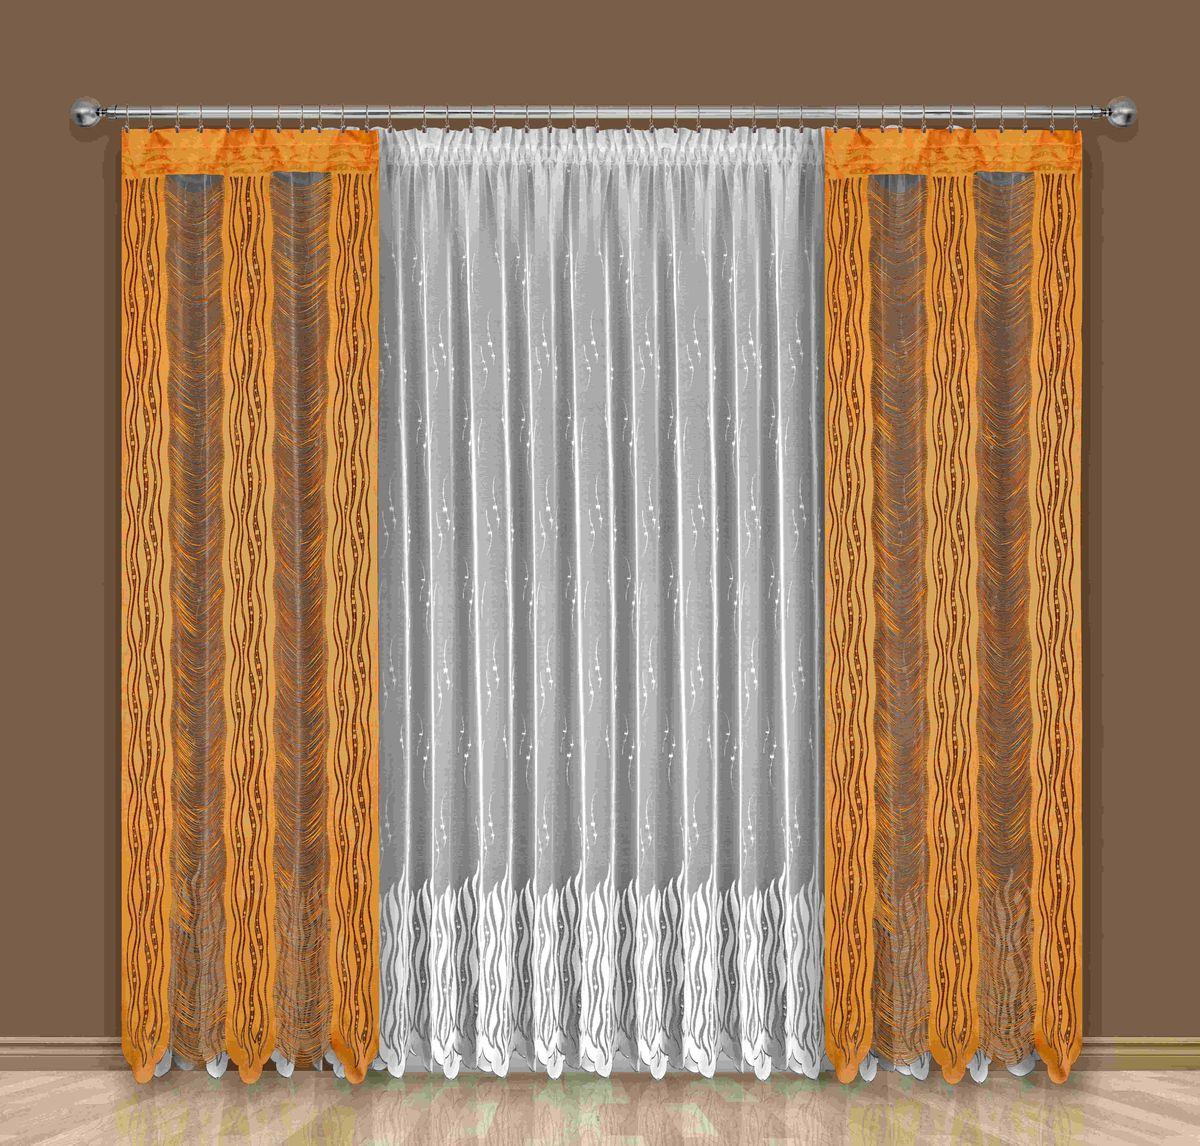 Комплект штор Wisan Alba, на ленте, цвет: белый, оранжевый, высота 250 см192WКомплект штор Wisan Alba выполненный из полиэстера, великолепно украсит любое окно. В комплект входят 2 шторы и тюль. Оригинальный дизайн и бахрома придают комплекту особый стиль и шарм. Качественное плетение, нежная цветовая гамма и роскошное исполнение - все это делает шторы Wisan Alba замечательным дополнением интерьера помещения. Комплект оснащен шторной лентой для красивой сборки. В комплект входит: Штора - 2 шт. Размер (ШхВ): 100 см х 250 см. Тюль - 1 шт. Размер (ШхВ): 400 см х 250 см. Фирма Wisan на польском рынке существует уже более пятидесяти лет и является одной из лучших польских фабрик по производству штор и тканей. Ассортимент фирмы представлен готовыми комплектами штор для гостиной, детской, кухни, а также текстилем для кухни (скатерти, салфетки, дорожки, кухонные занавески). Модельный ряд отличает оригинальный дизайн, высокое качество. Ассортимент продукции постоянно пополняется.